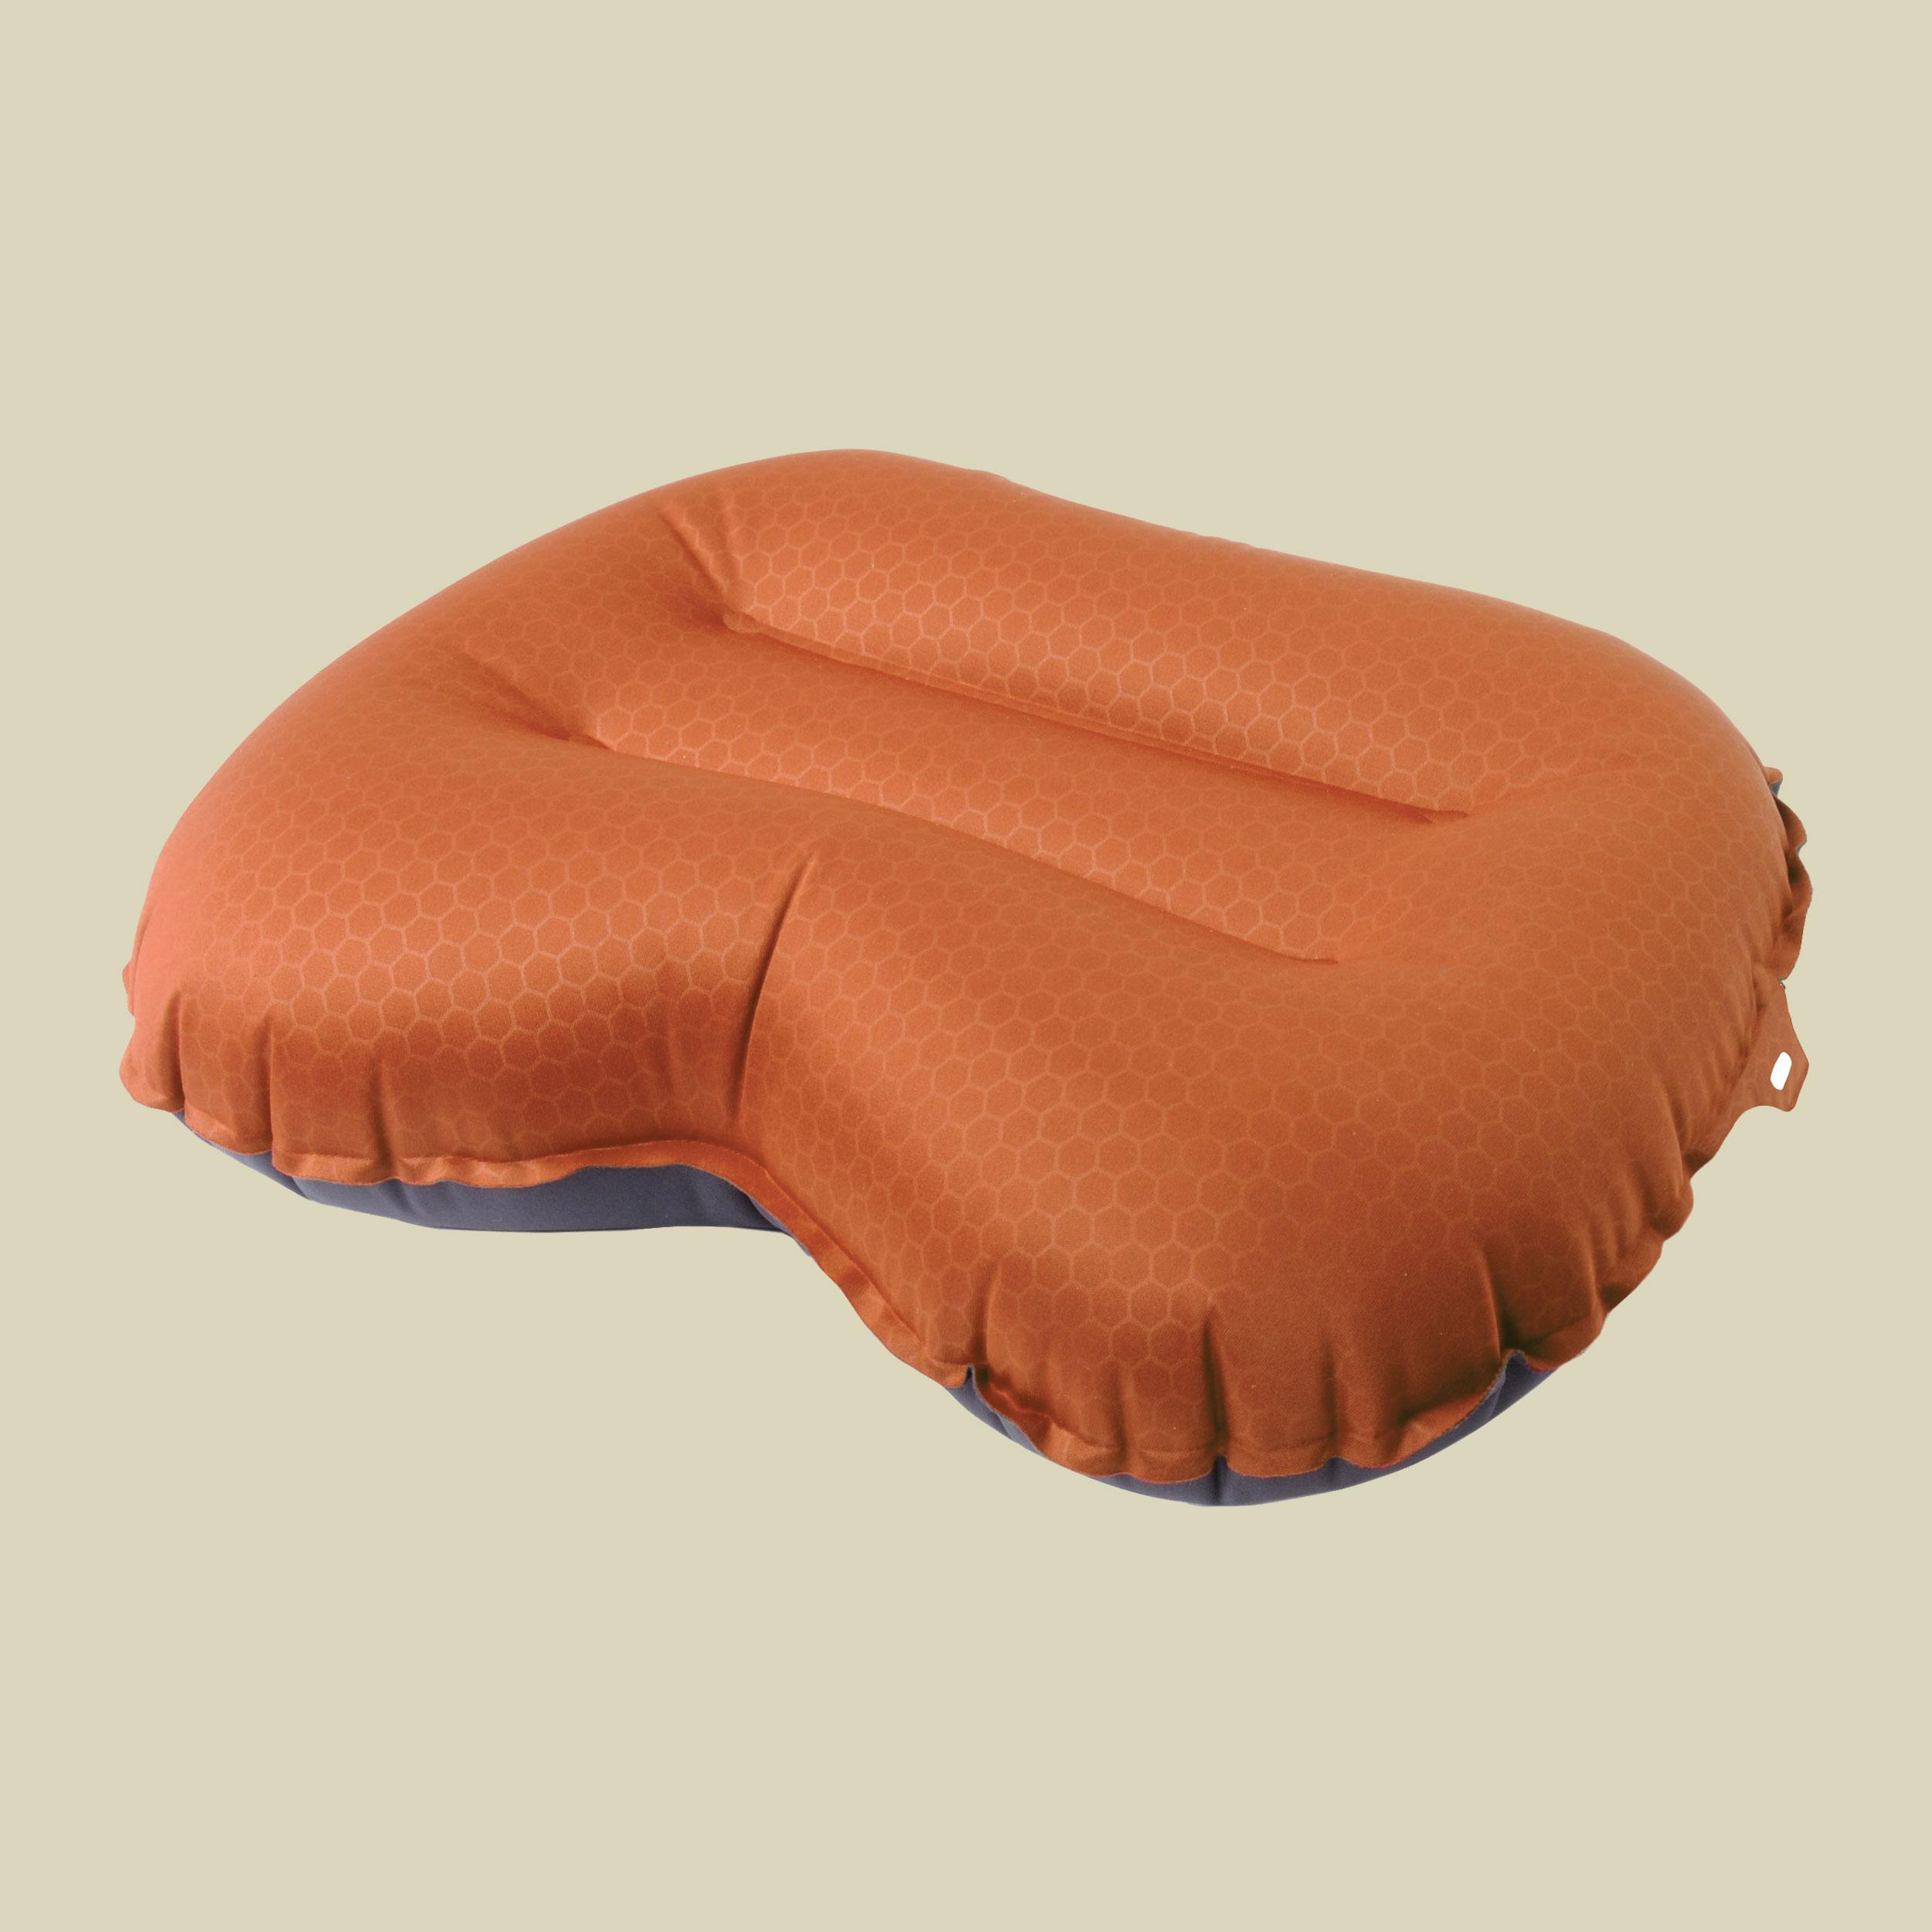 Exped Air Pillow Lite M aufblasbares Kopfkissen Größe 38 x 27 x 10 cm orange